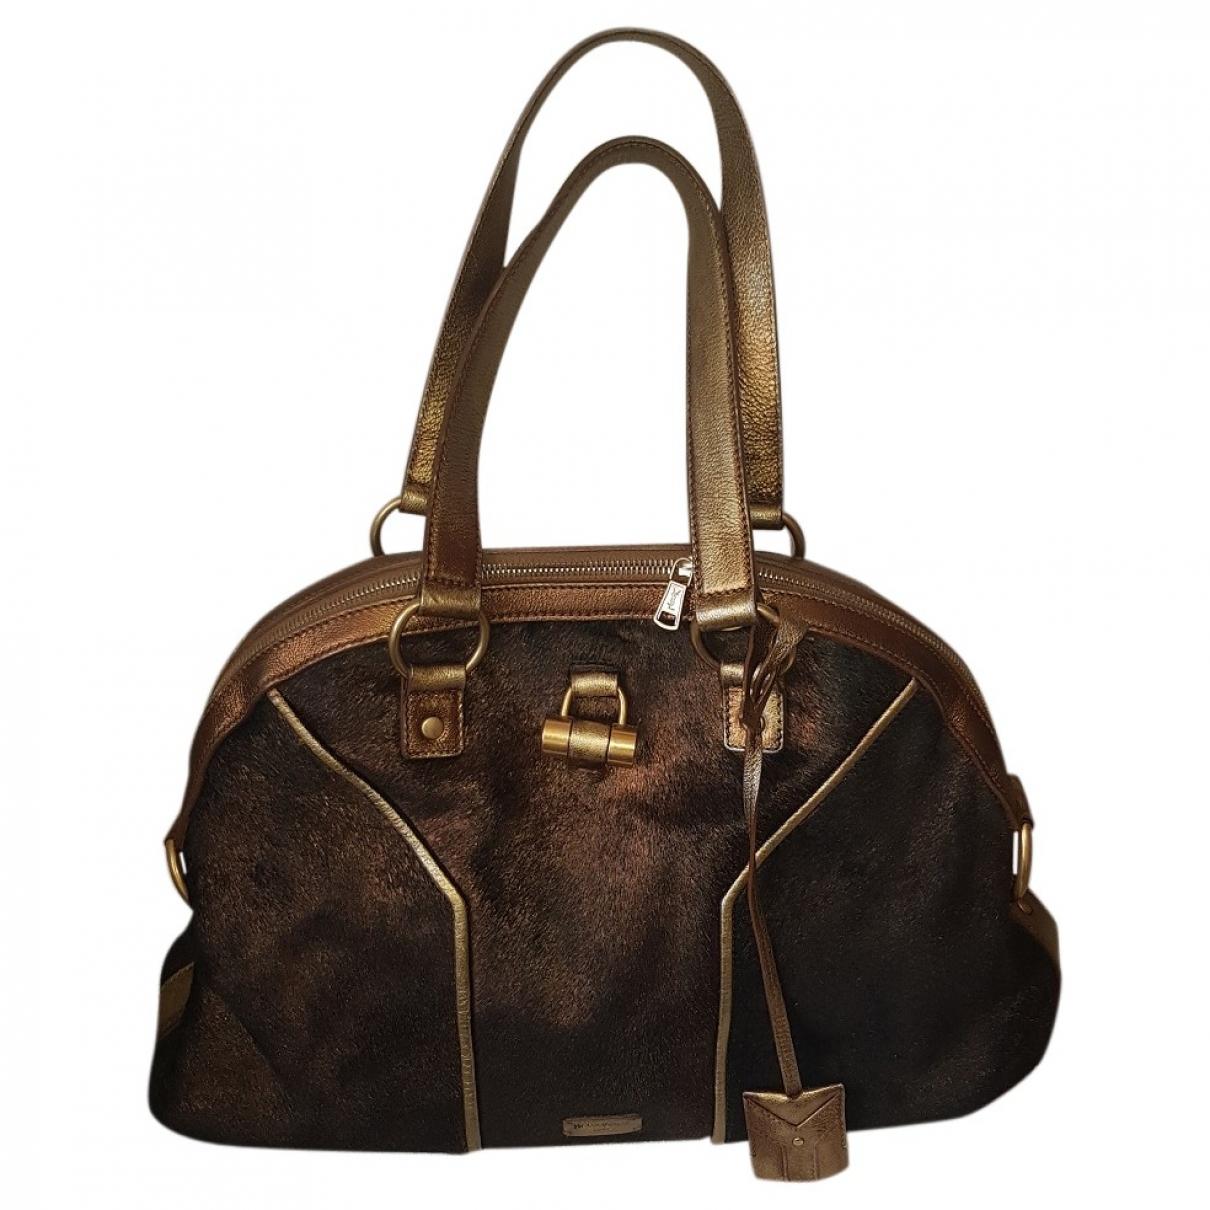 Yves Saint Laurent Muse Brown Pony-style calfskin handbag for Women \N